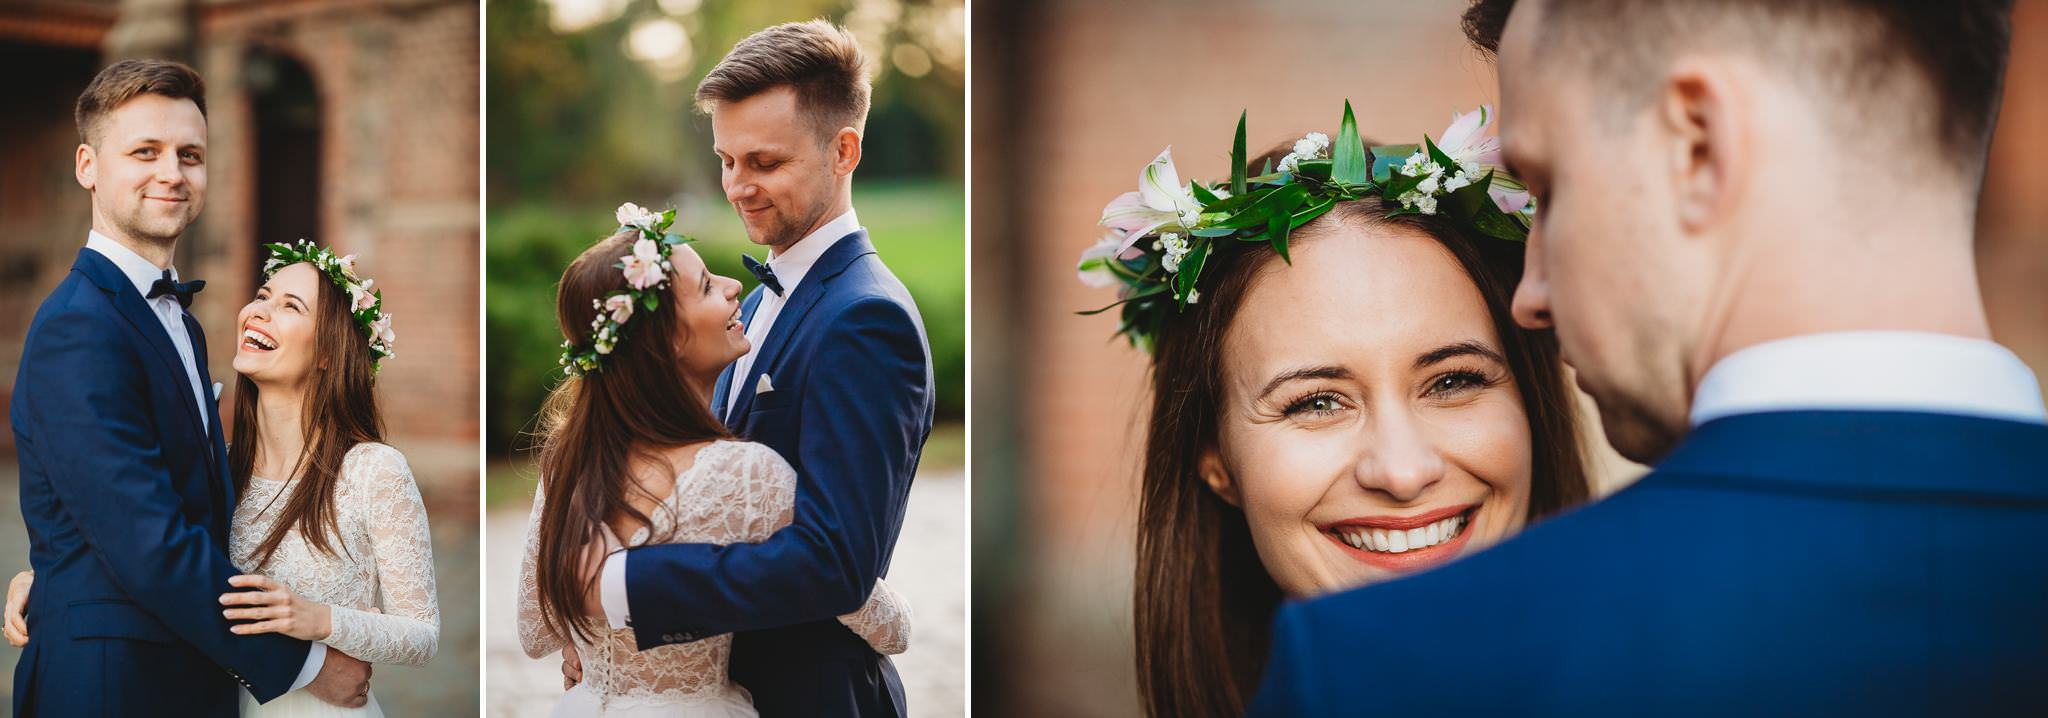 Fantastyczny ślub w stylu rustykalnym, wesele w Kapitańskiej  fotograf ślubny Konin 548